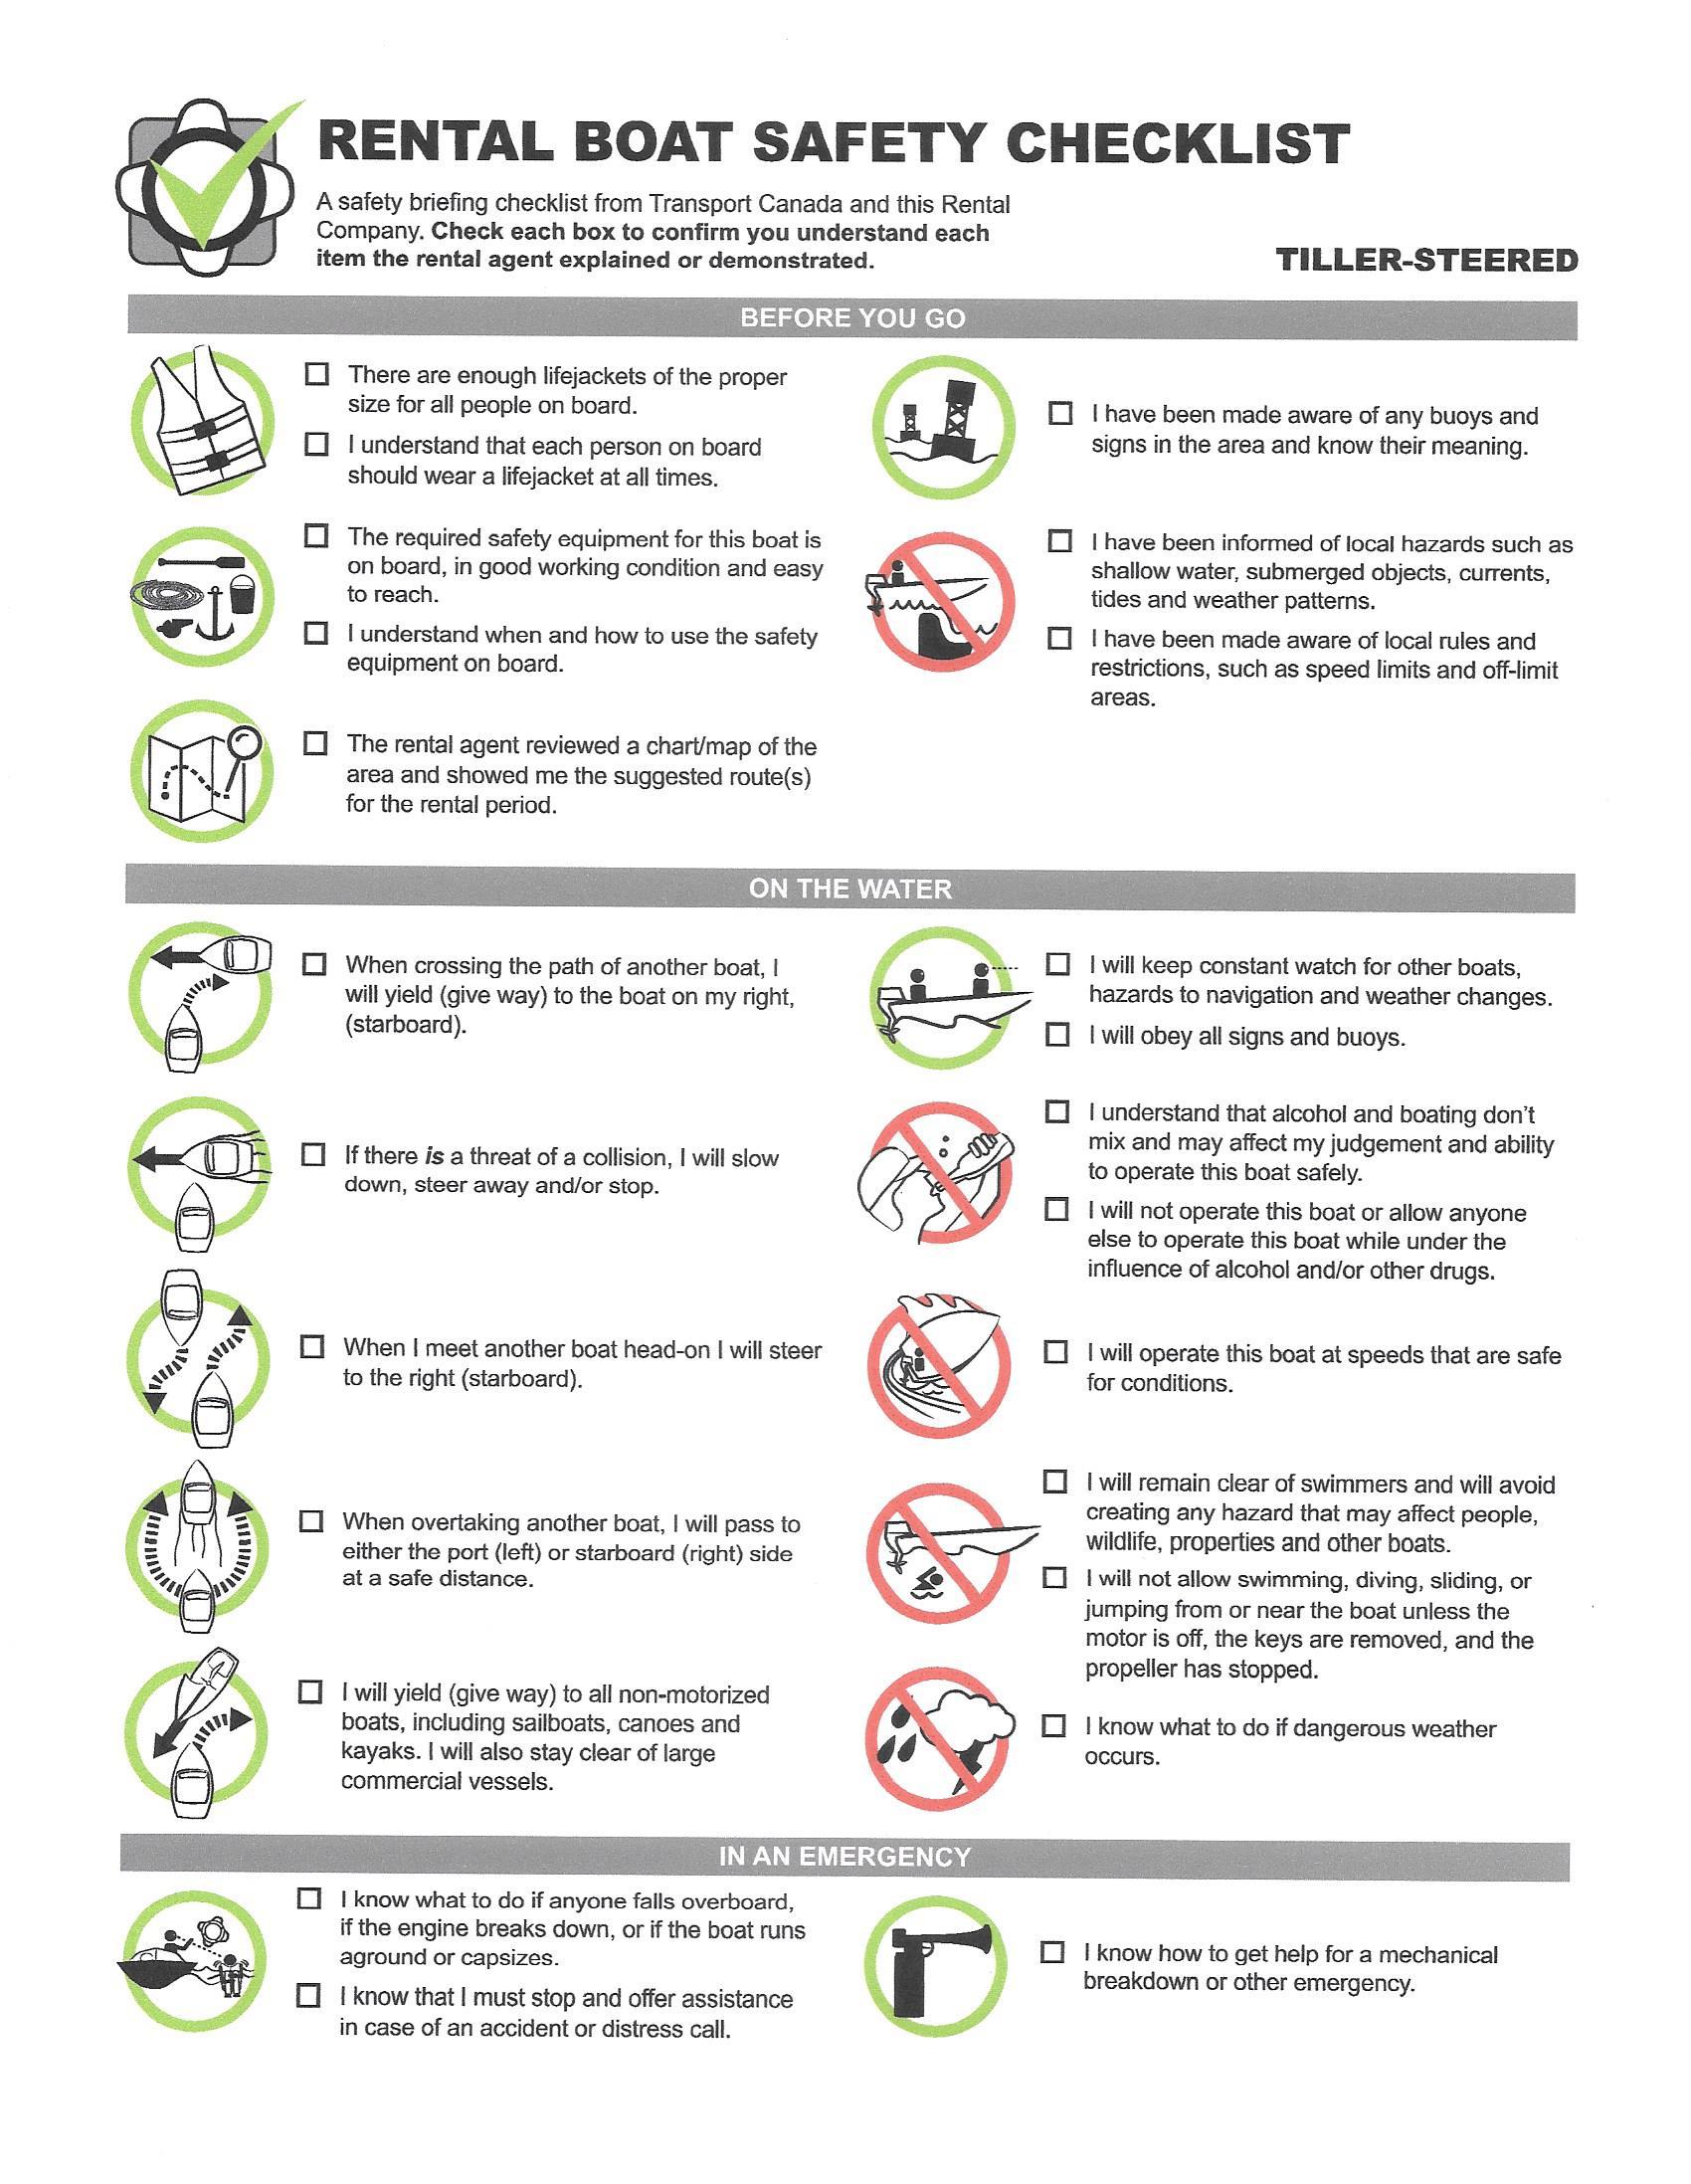 Rental Boat Safety Checklist-Tiller Steered-for website0001.jpg